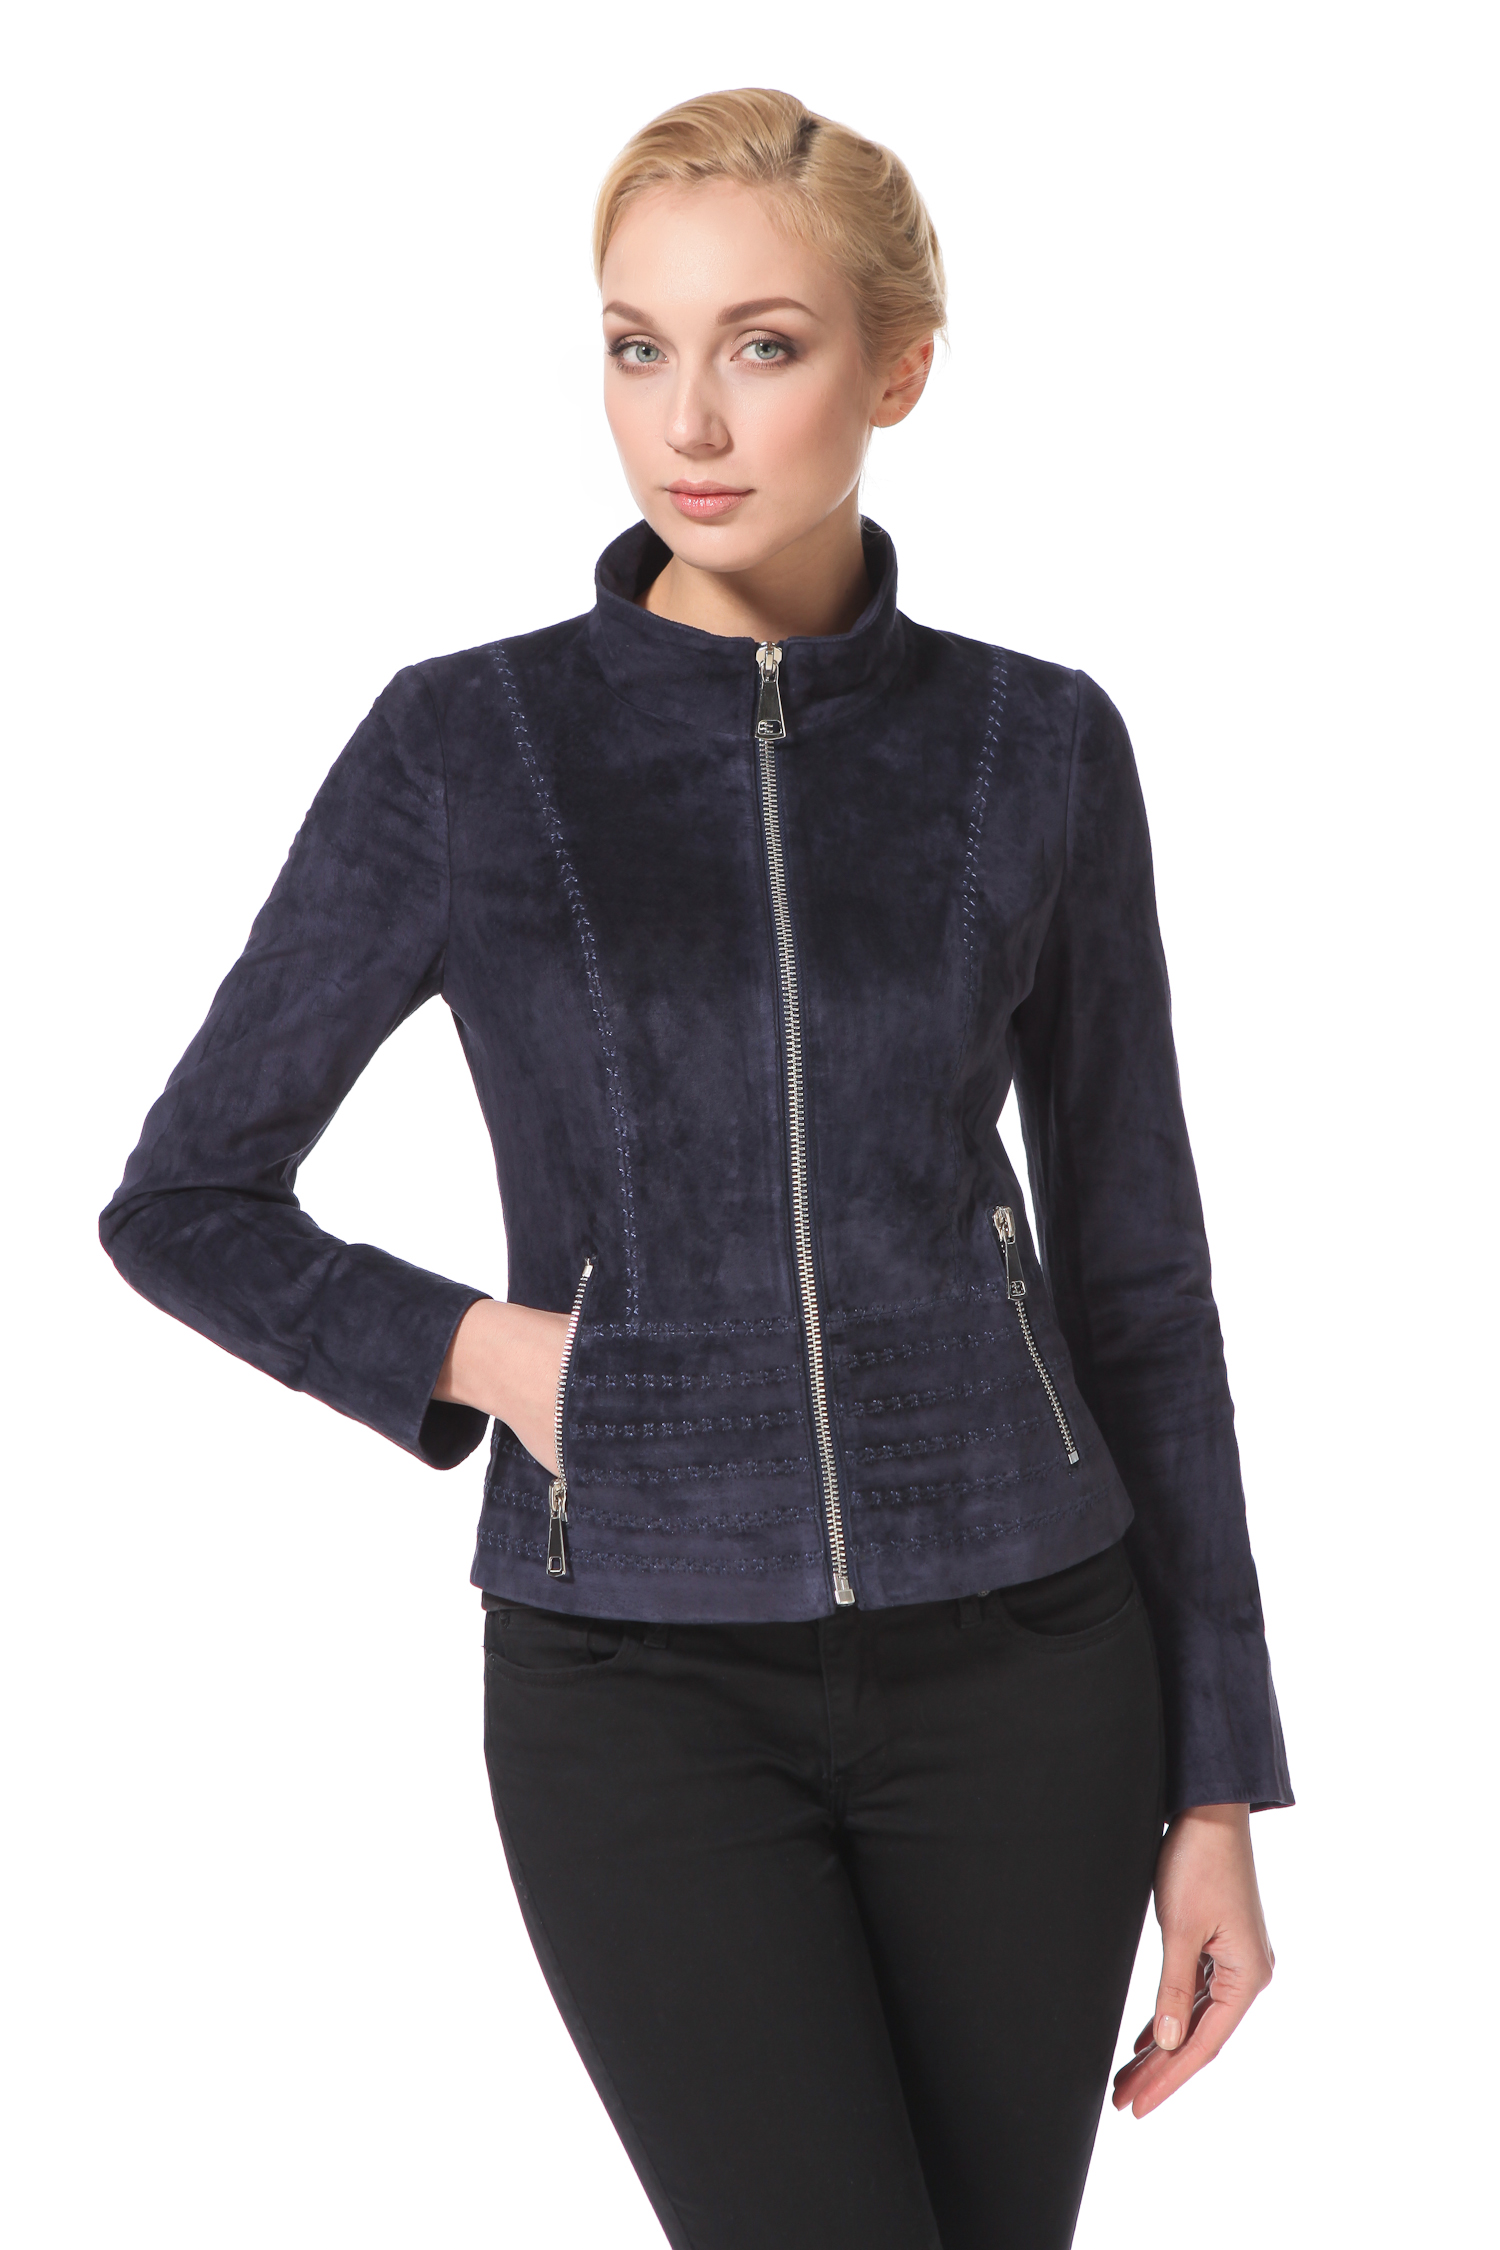 Купить со скидкой Женская кожаная куртка из натуральной замши с воротником, без отделки